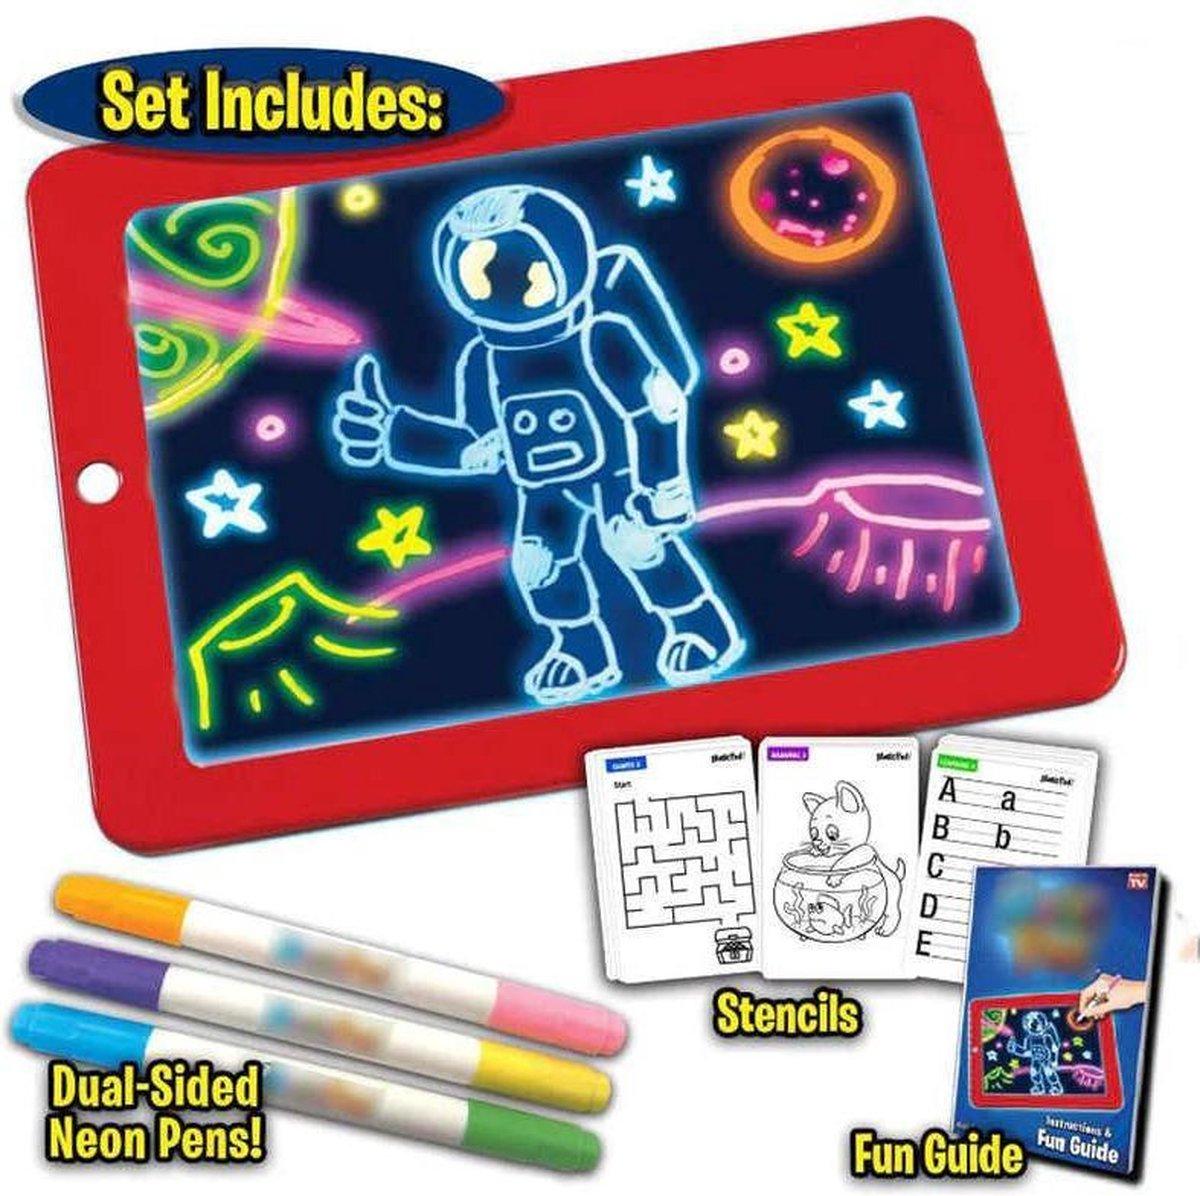 3D Magische Elektronisch Magnetische Schrijfbord - Digitale Tekentablet - Drawing Tablet - Teken Tablet Met LCD Scherm - 26 x 19 cm - Rood